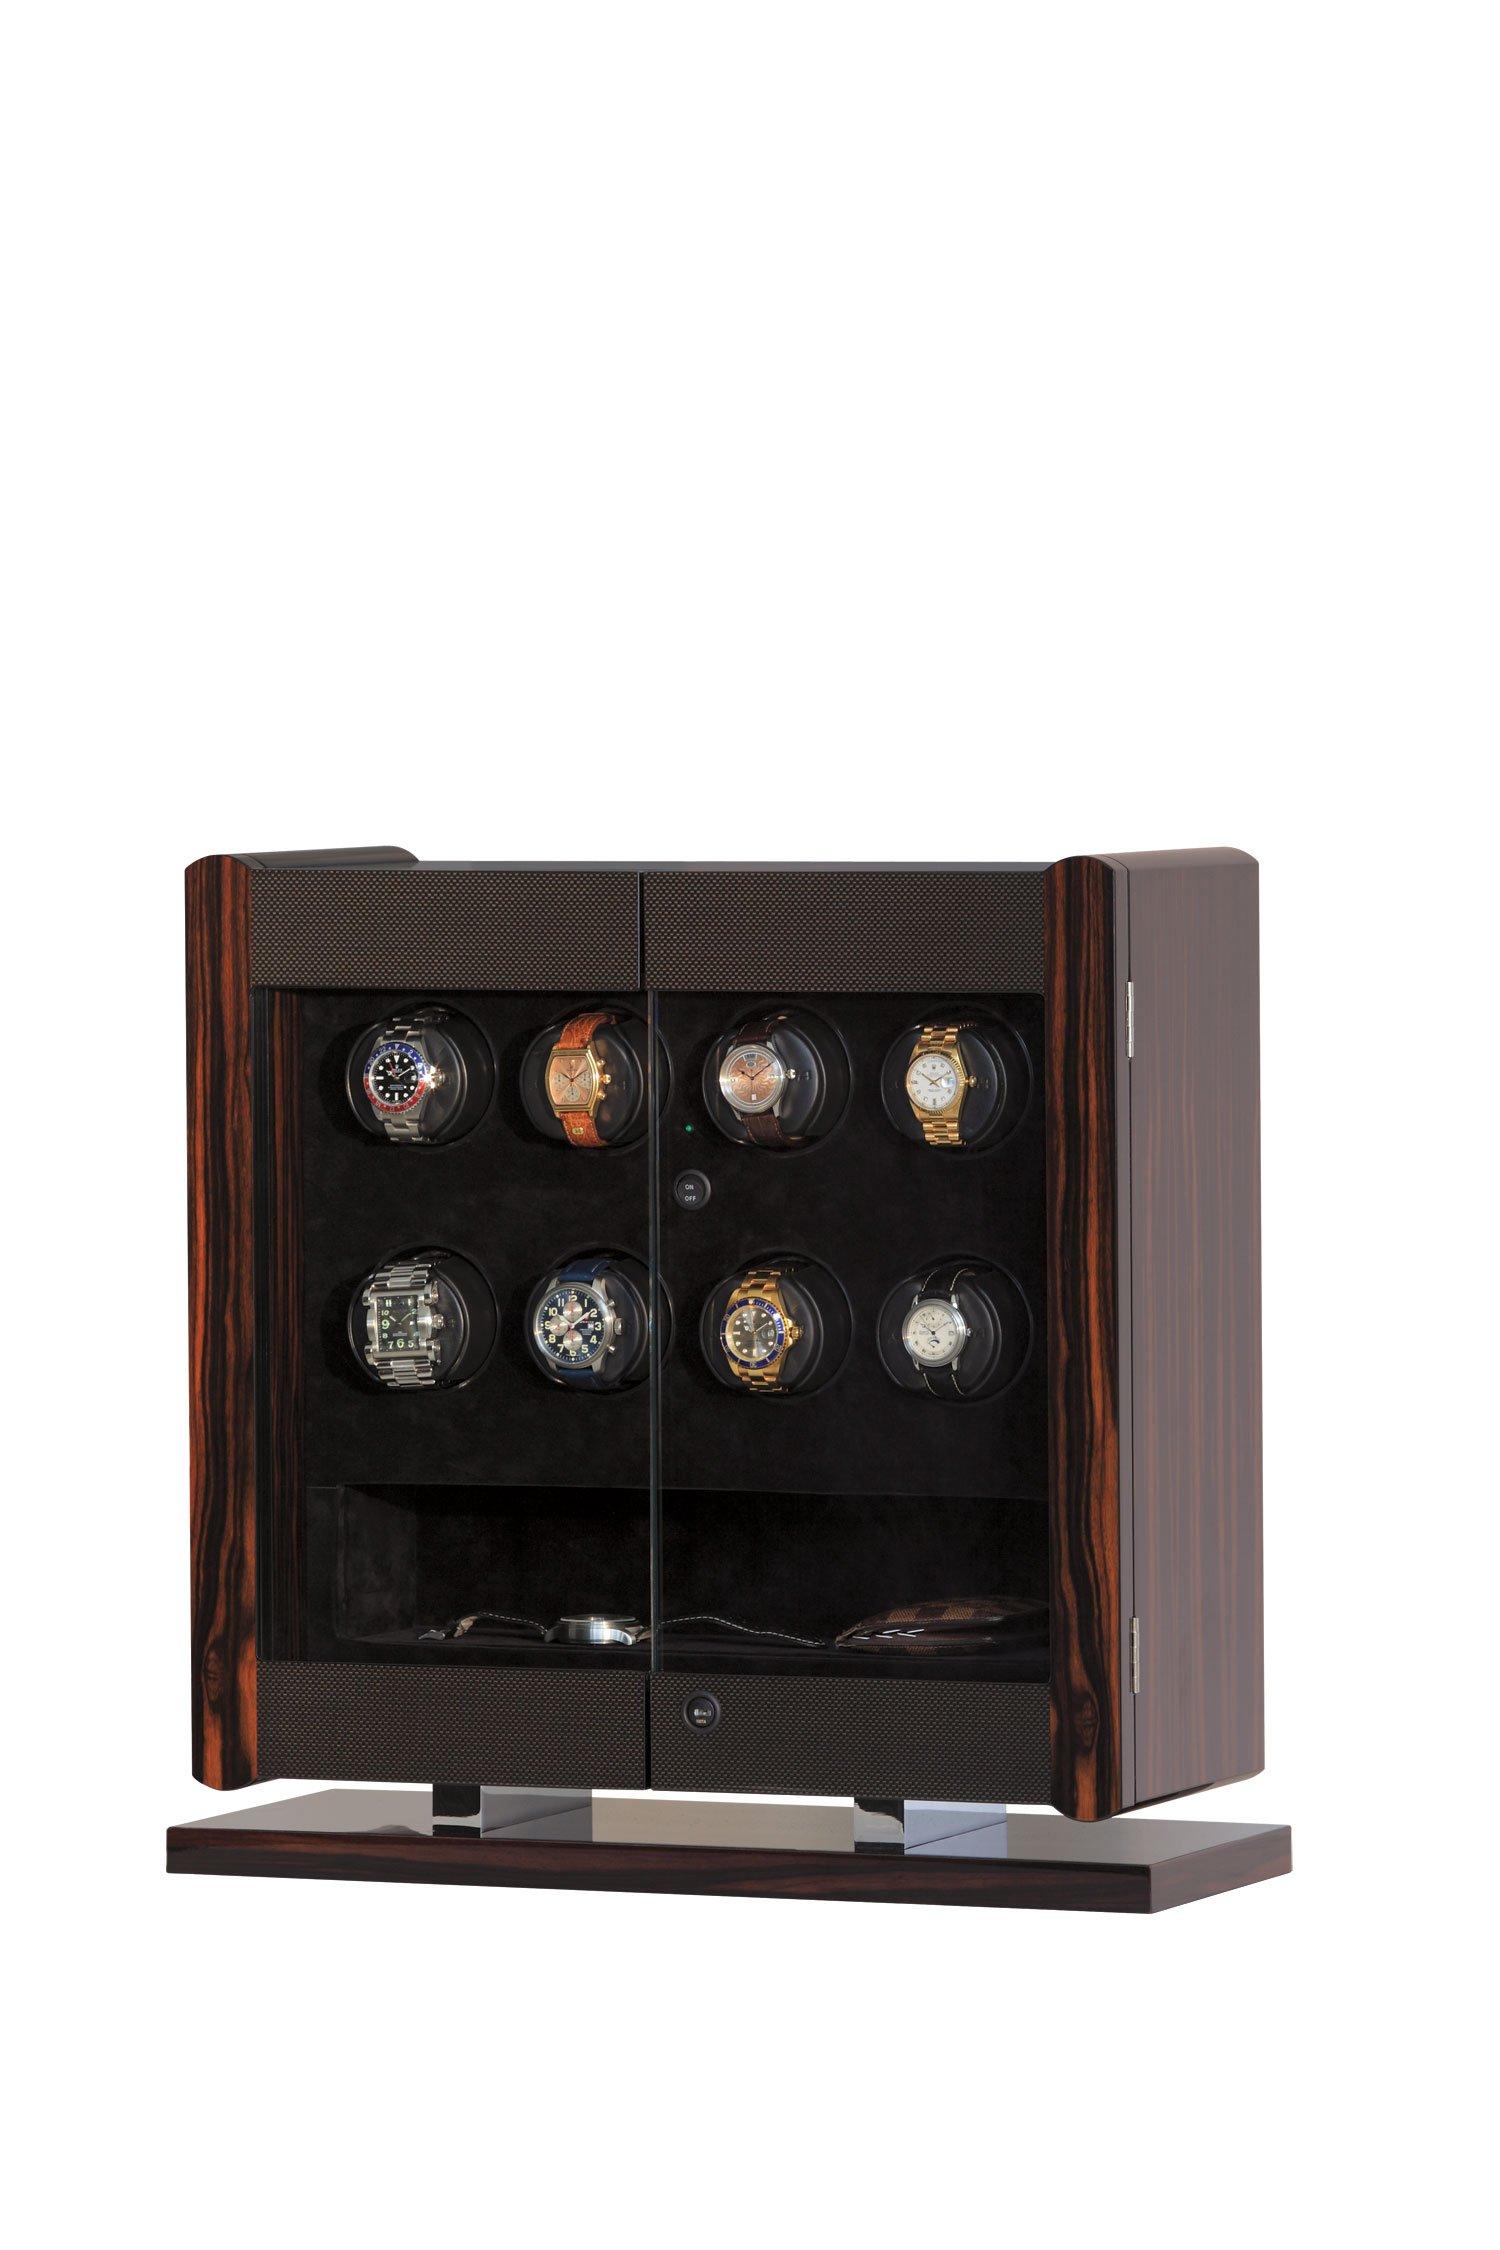 Avanti 8 - Pedestal Model (8-Watch Winder, Macassar/Carbon Fiber) by Orbita